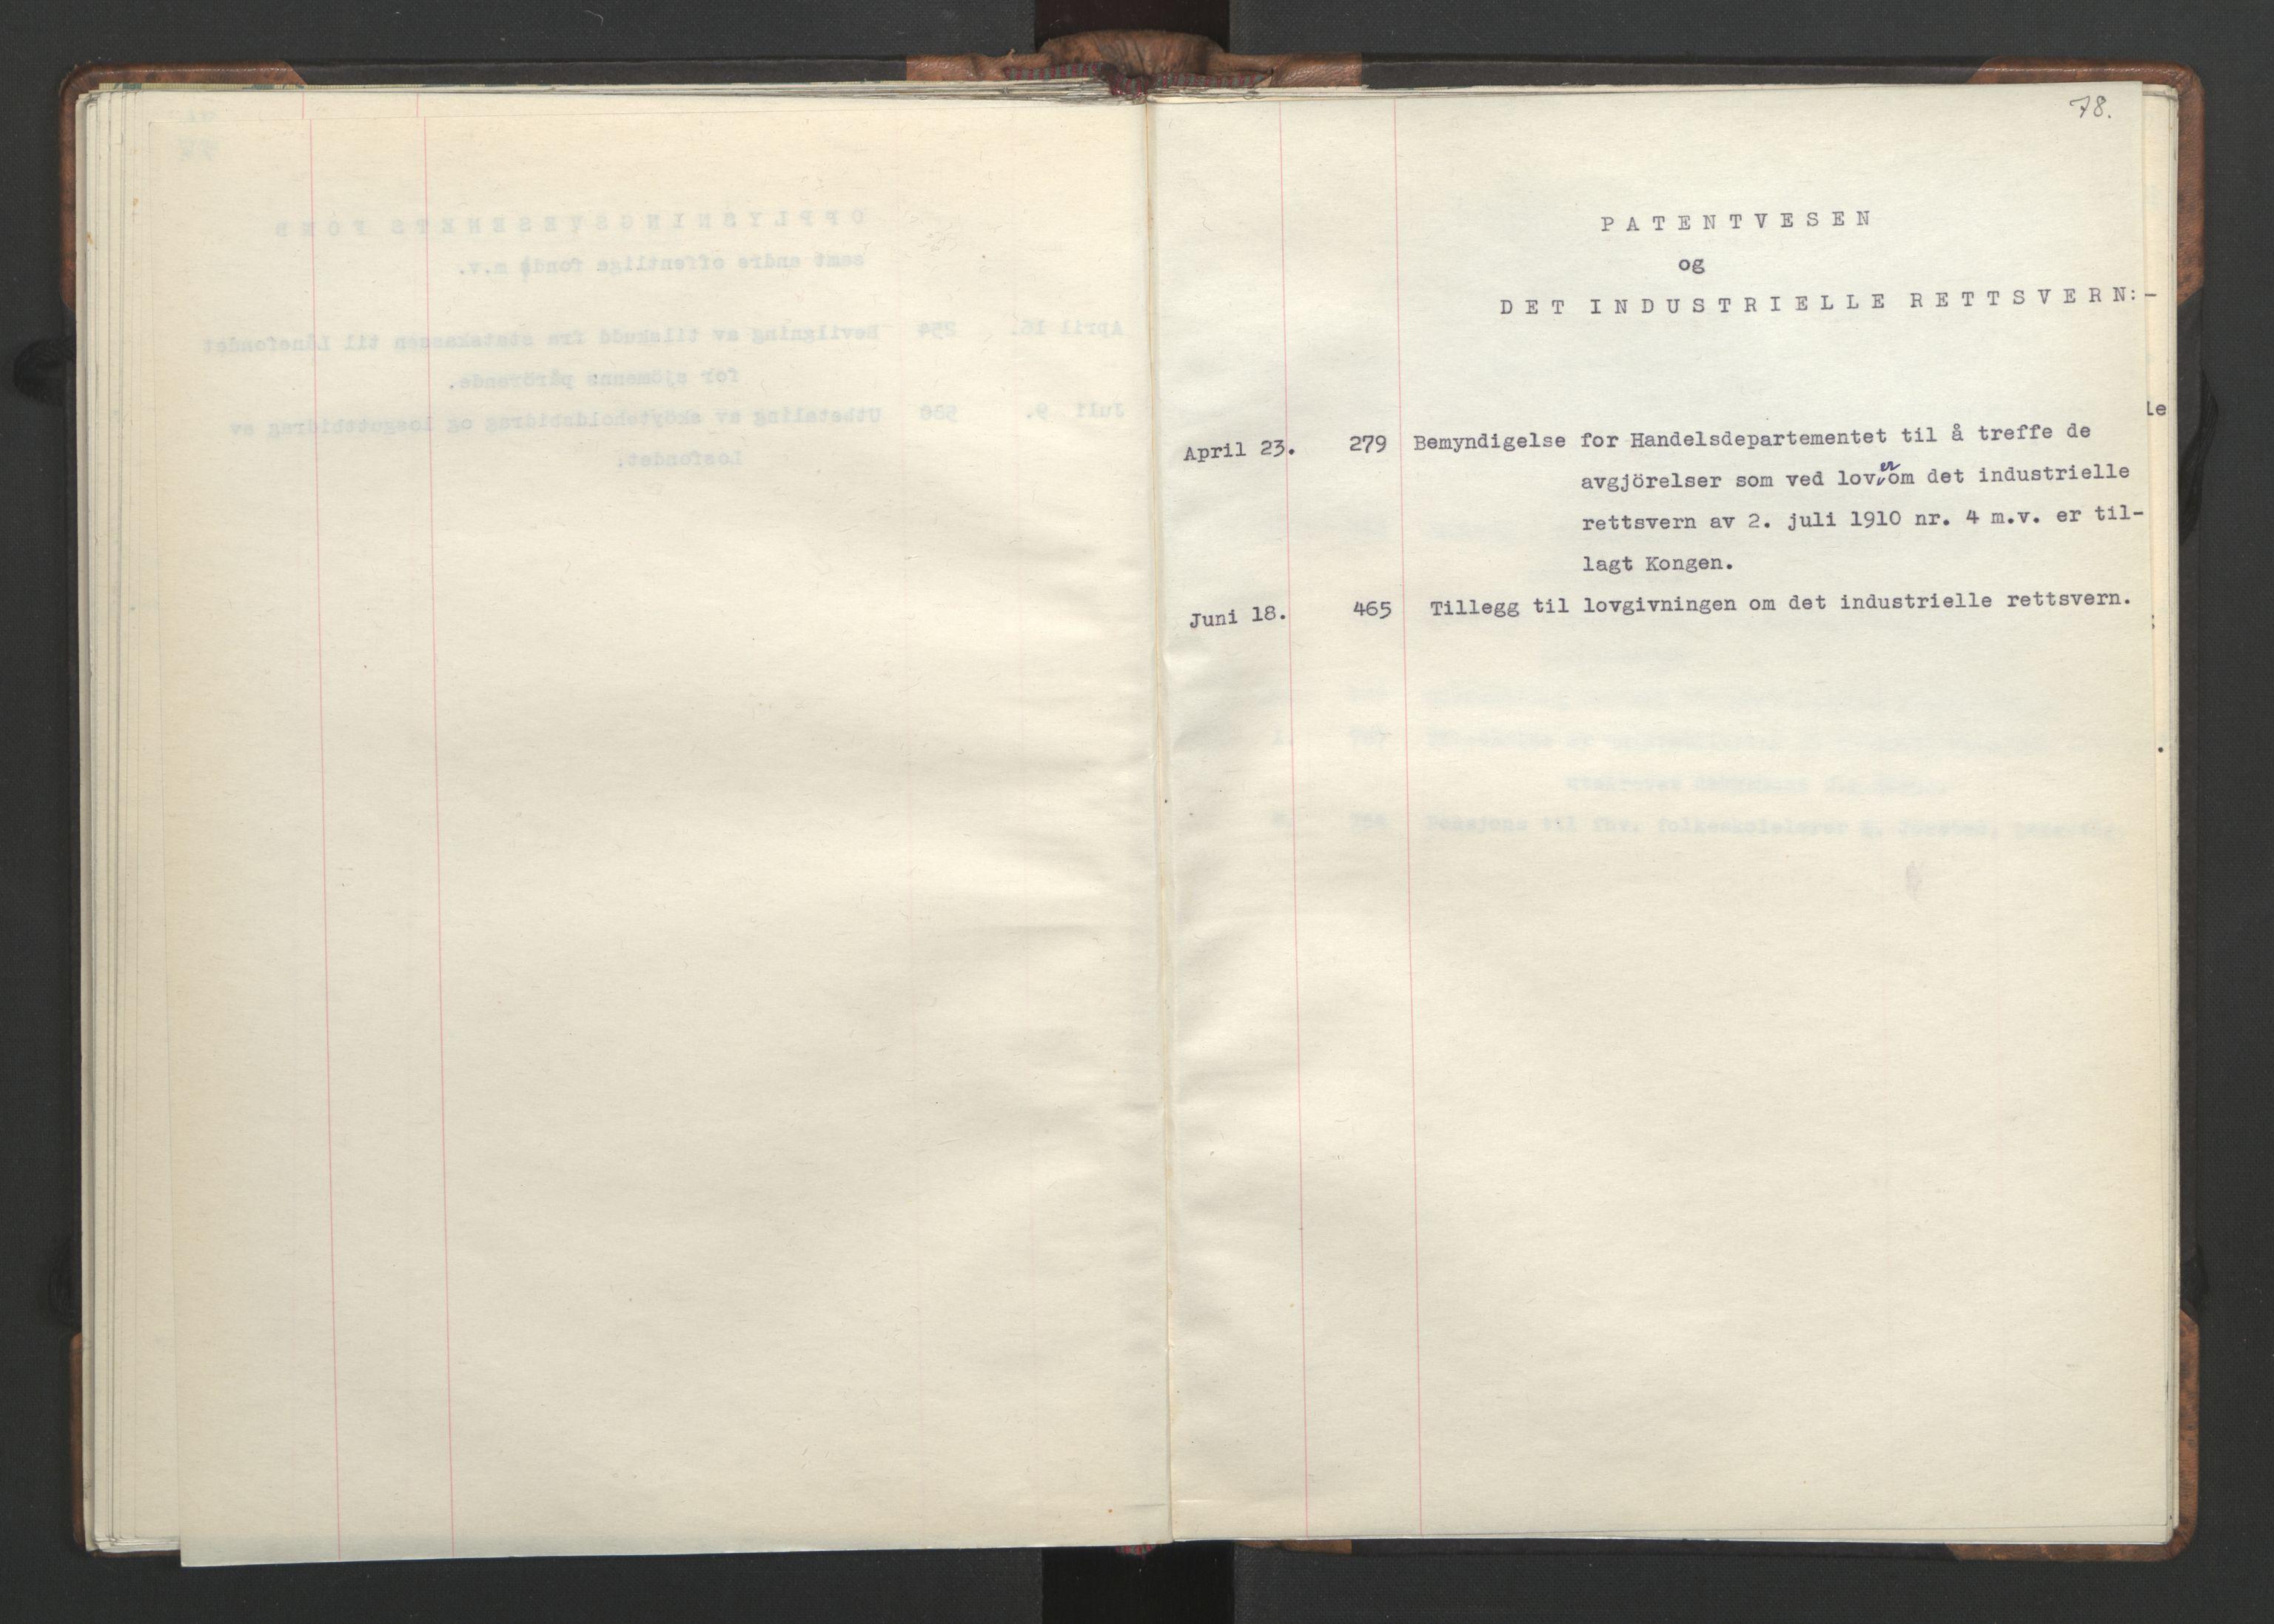 RA, NS-administrasjonen 1940-1945 (Statsrådsekretariatet, de kommisariske statsråder mm), D/Da/L0002: Register (RA j.nr. 985/1943, tilgangsnr. 17/1943), 1942, s. 77b-78a